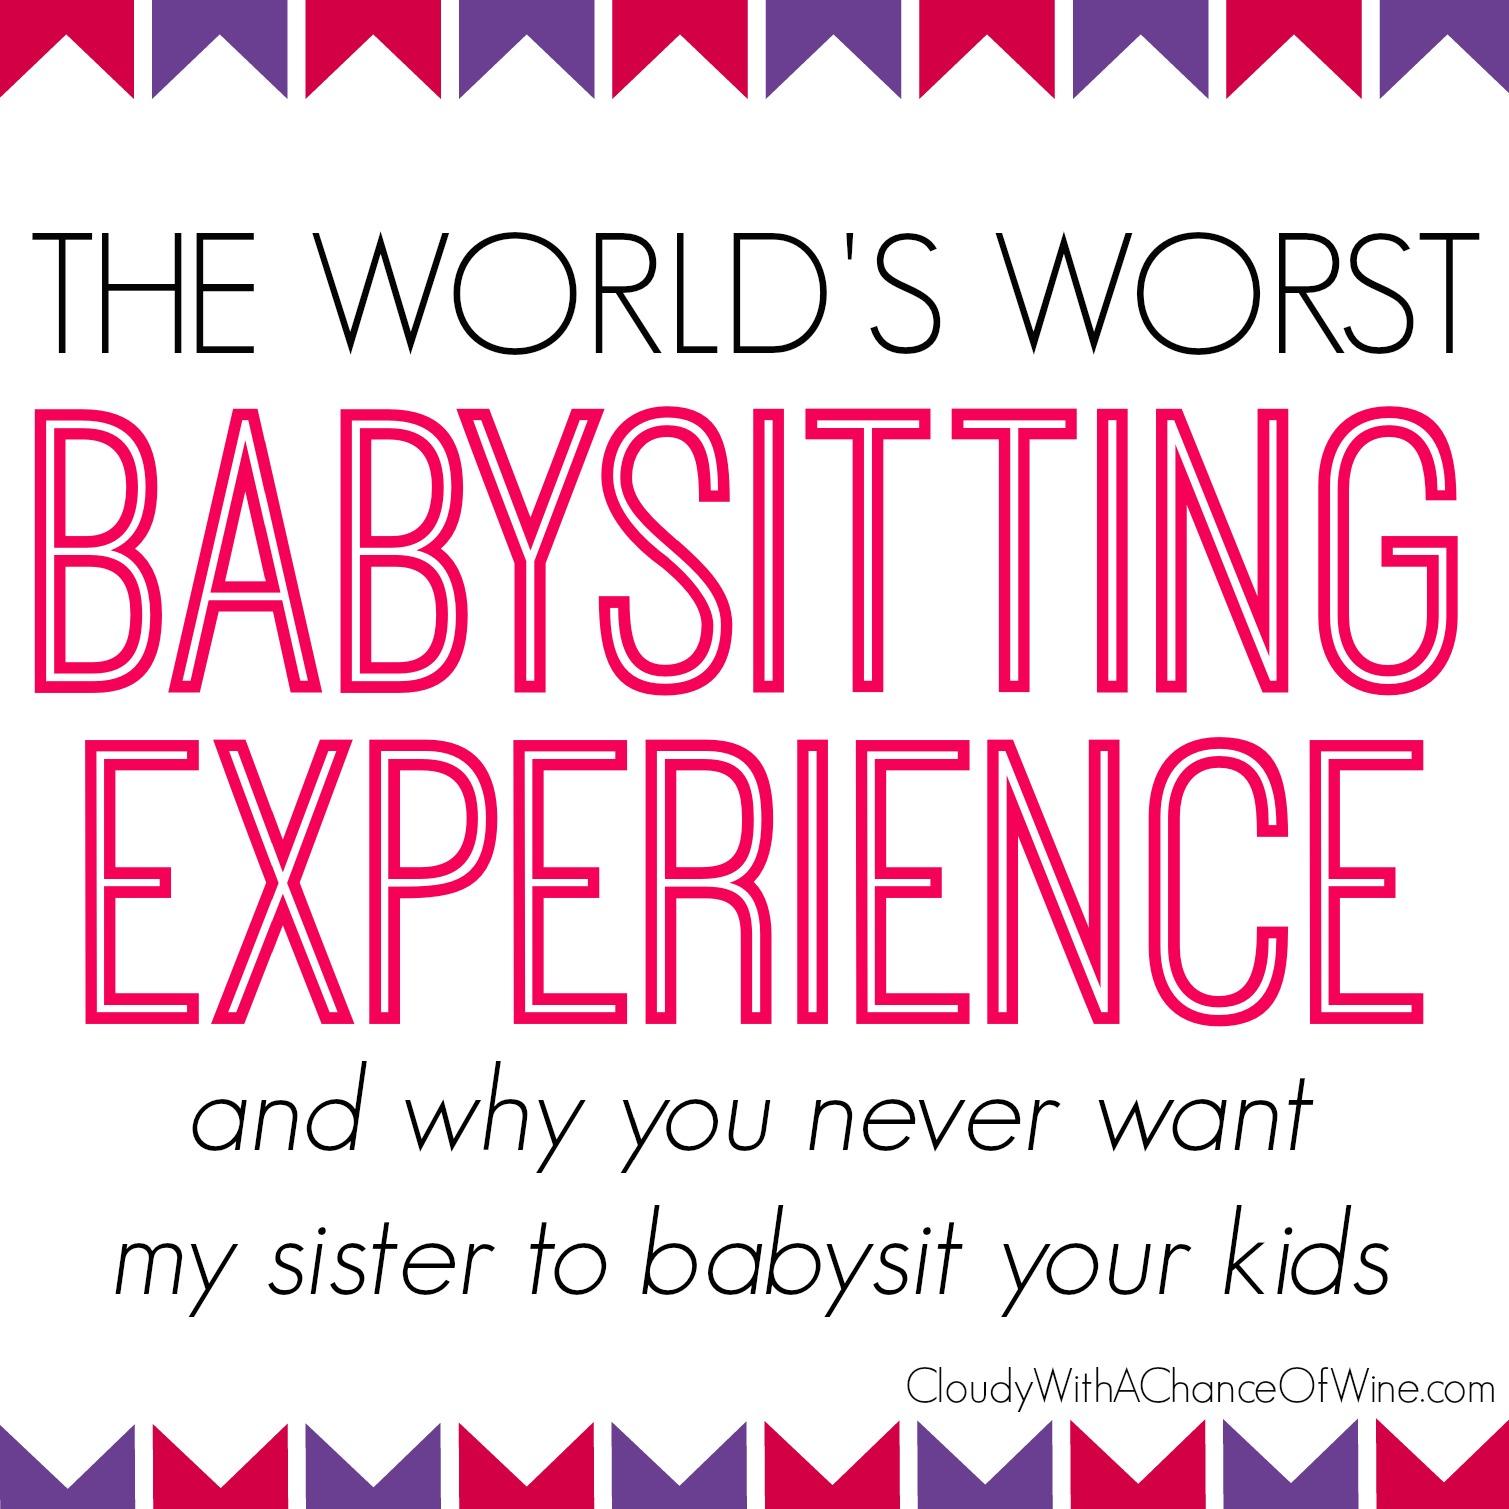 babysitting experience